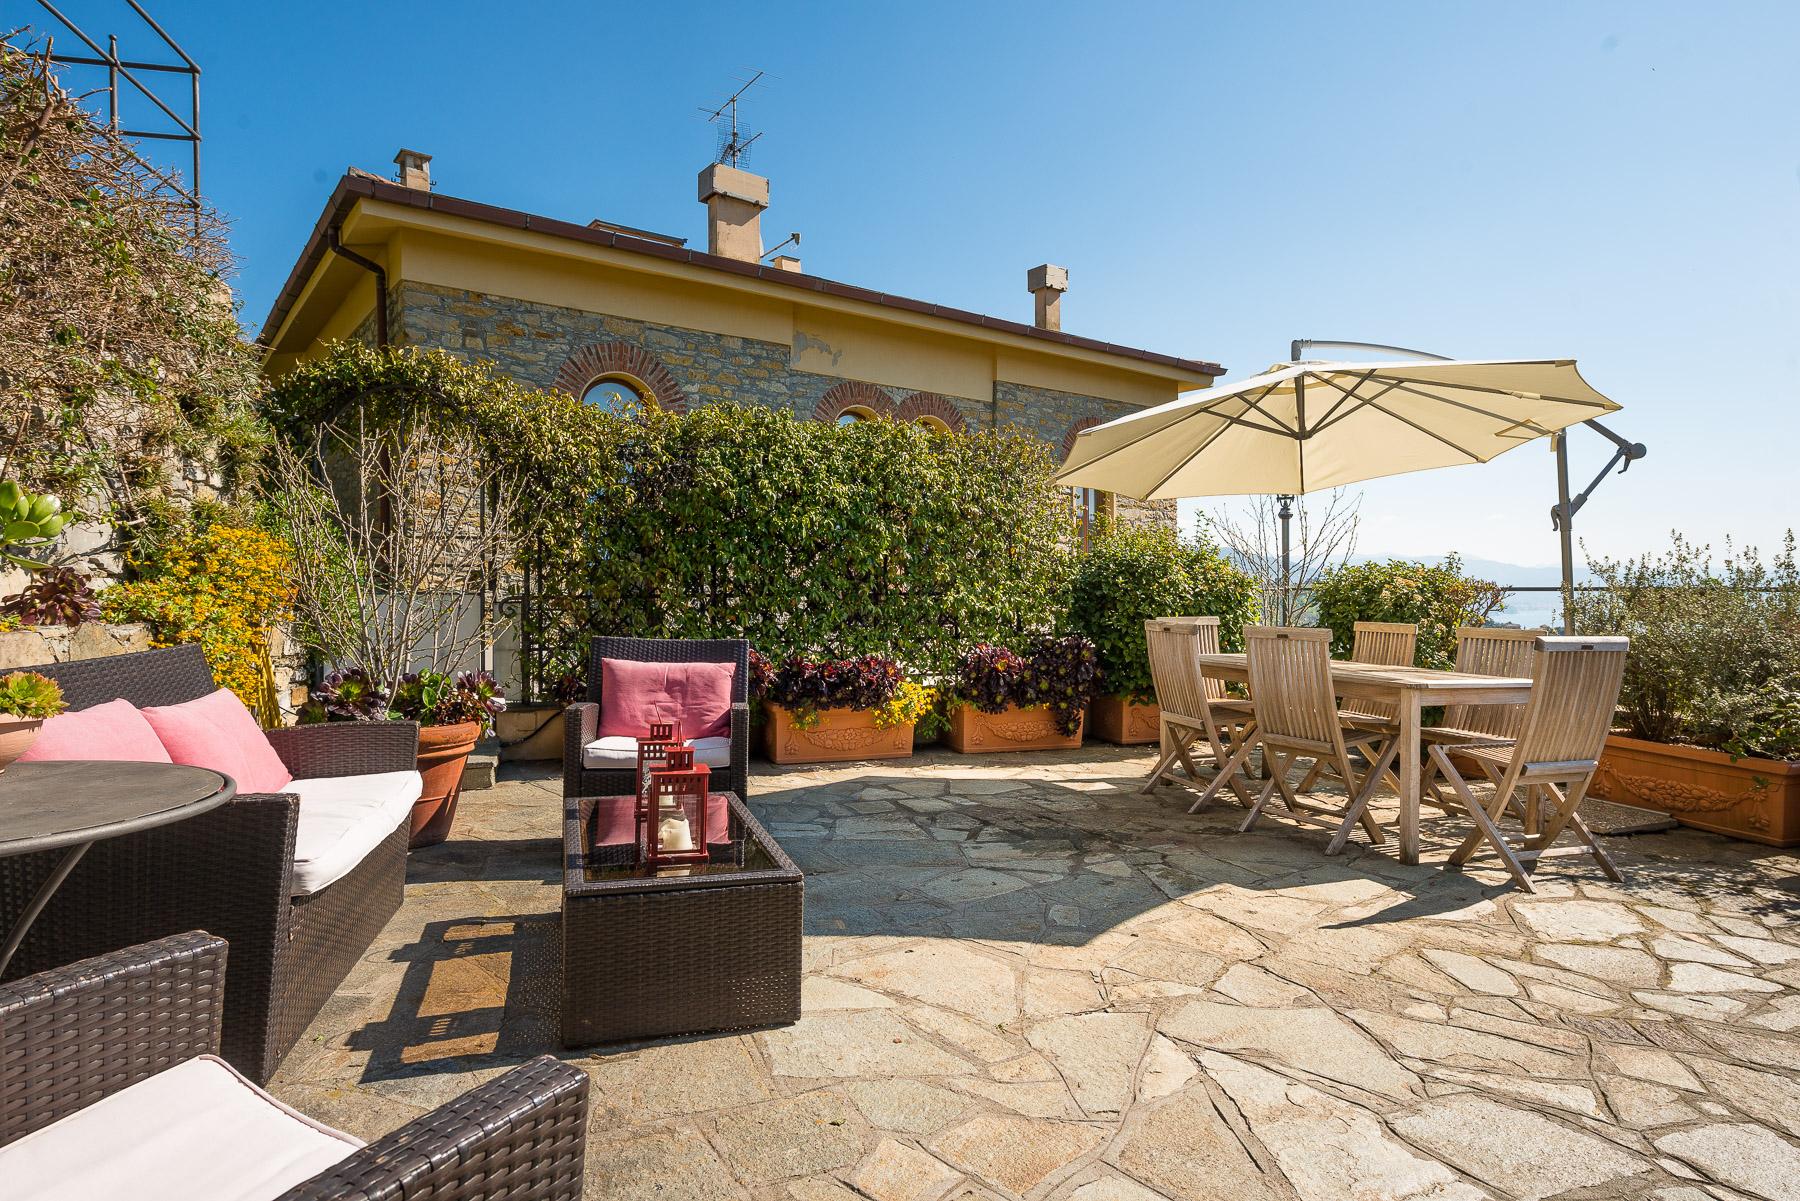 Casa indipendente in Vendita a Santa Margherita Ligure: 5 locali, 260 mq - Foto 1